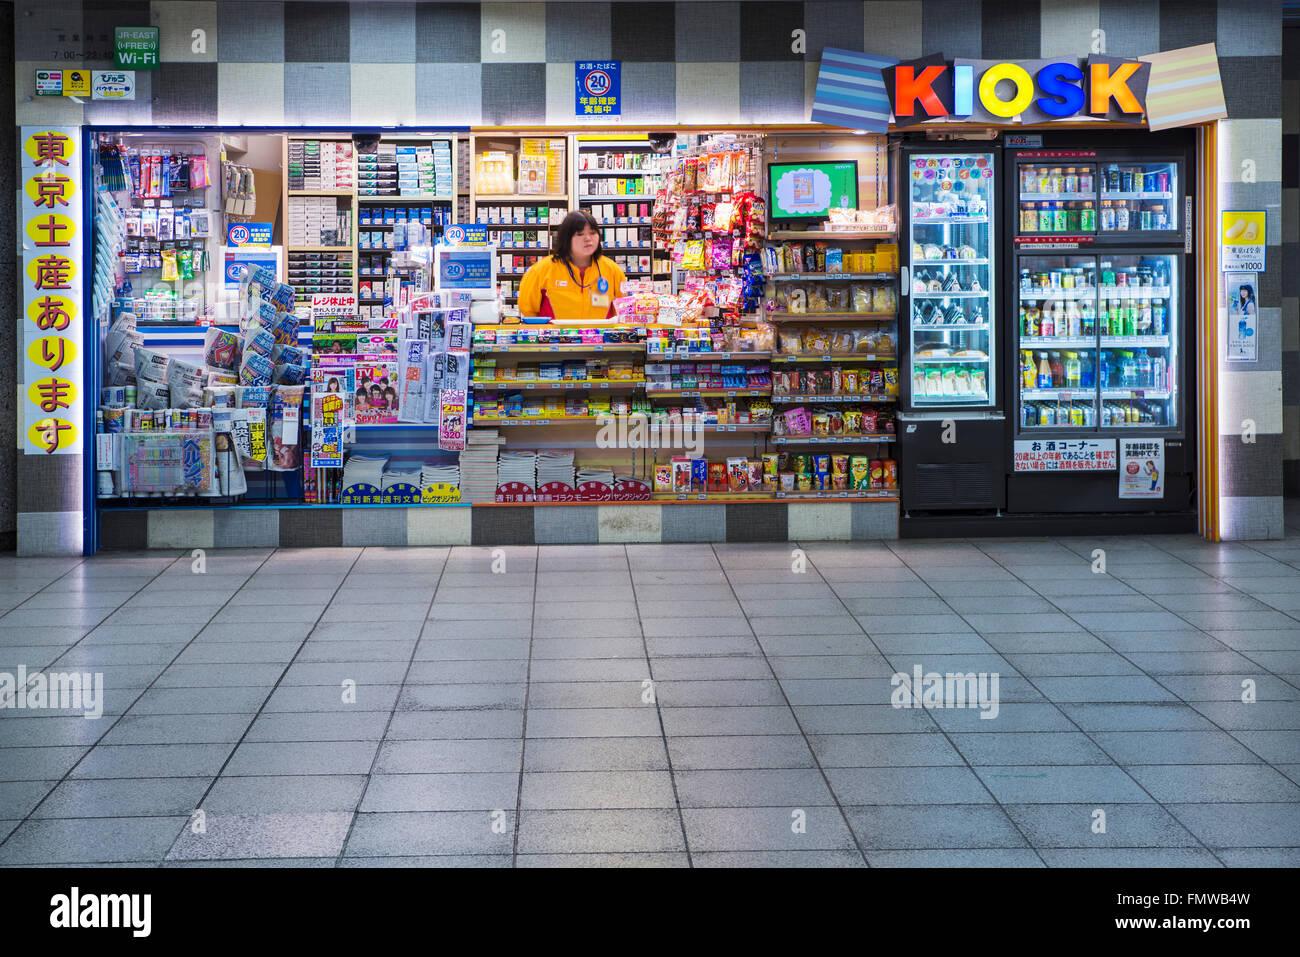 Una tipica stazione minimarket , o kiosk, in Giappone. Questo nella Stazione di Ikebukuro, Tokyo, Giappone Immagini Stock